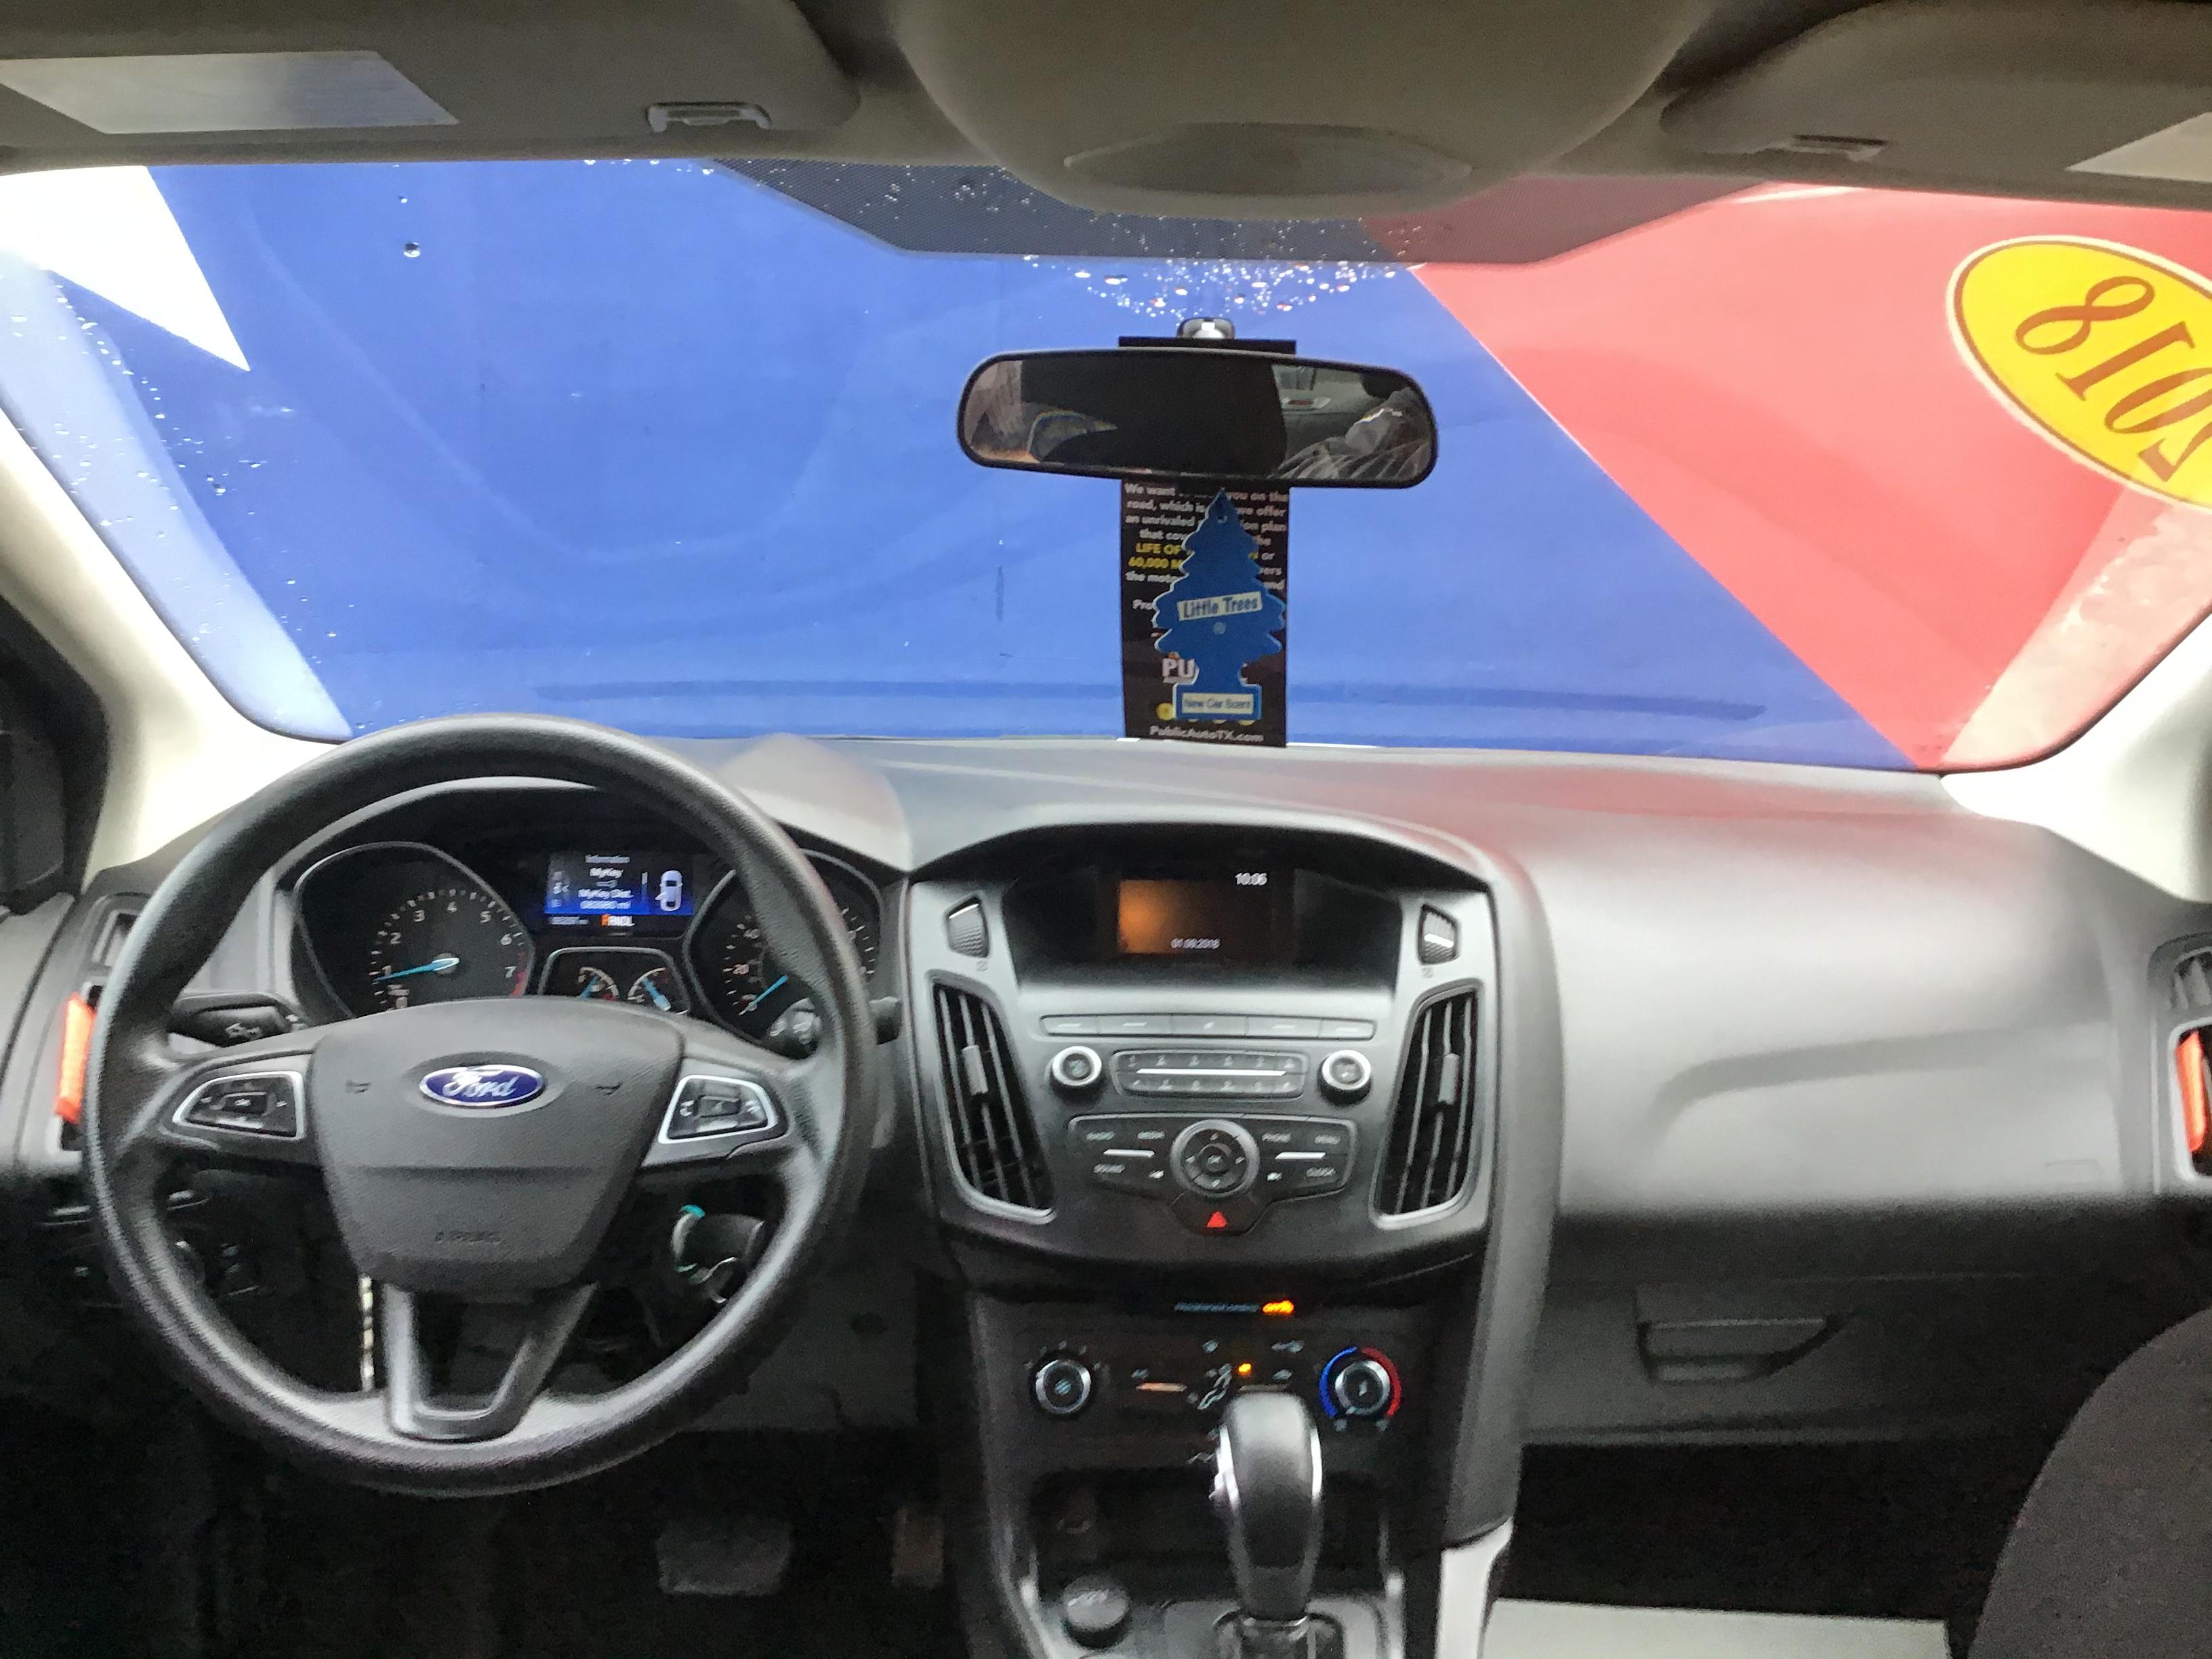 used vehicle - Sedan FORD FOCUS 2018